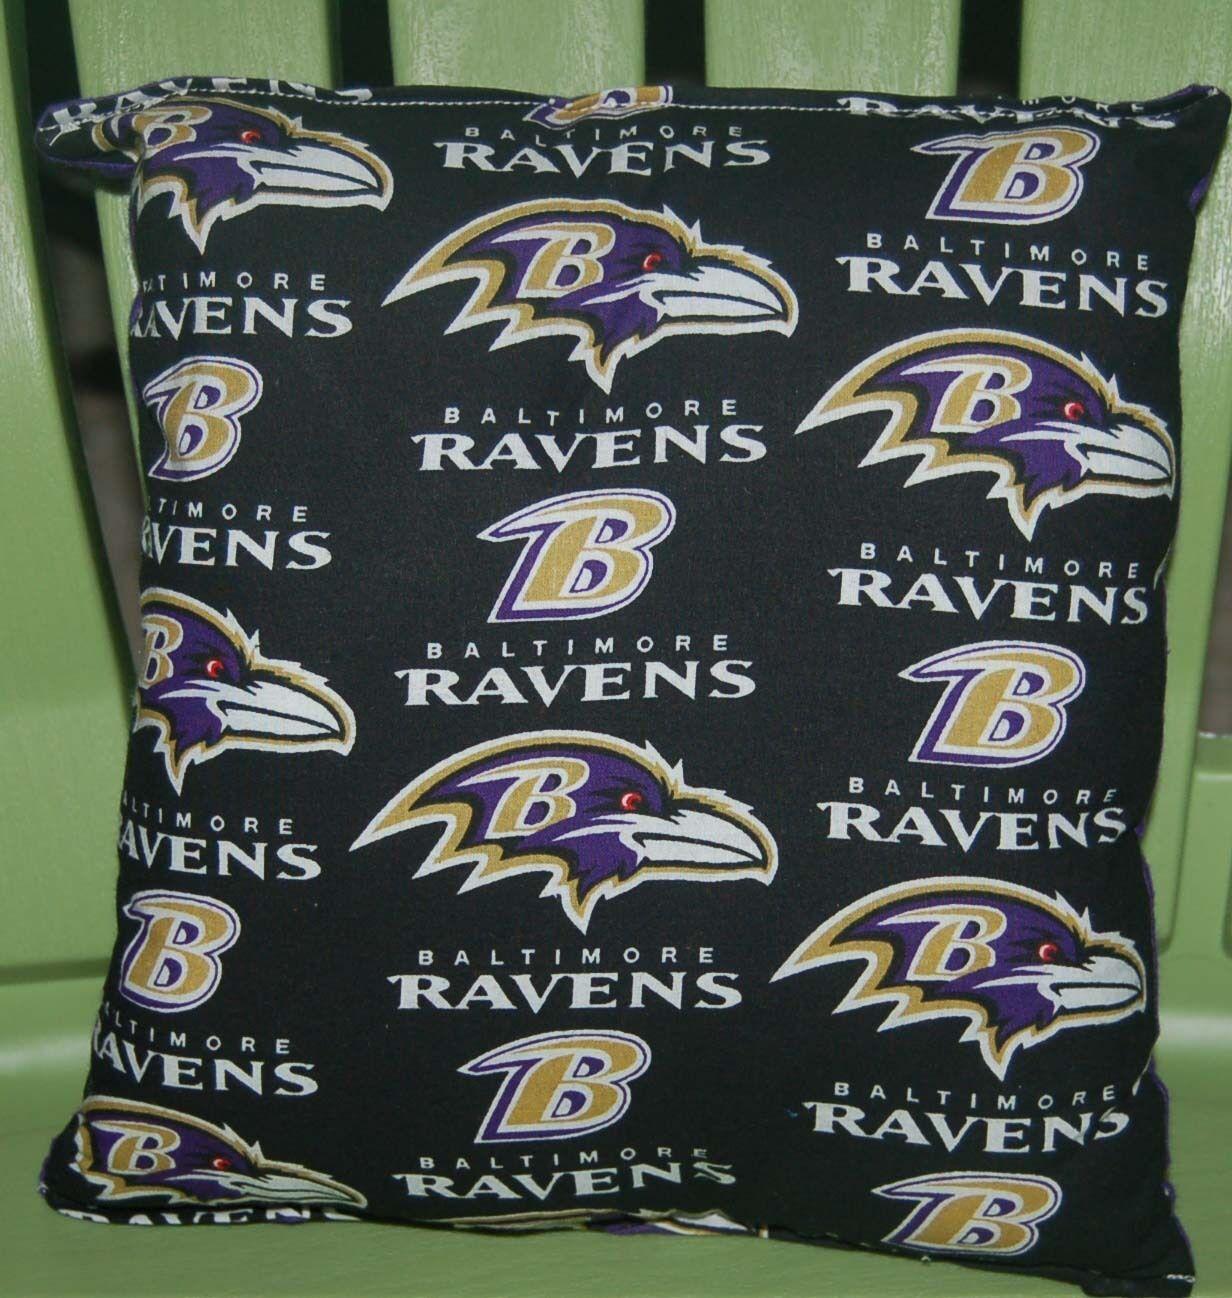 Ravens Pillow NFL Pillow Baltimore Ravens Pillow Football Pillow HANDMADE In USA